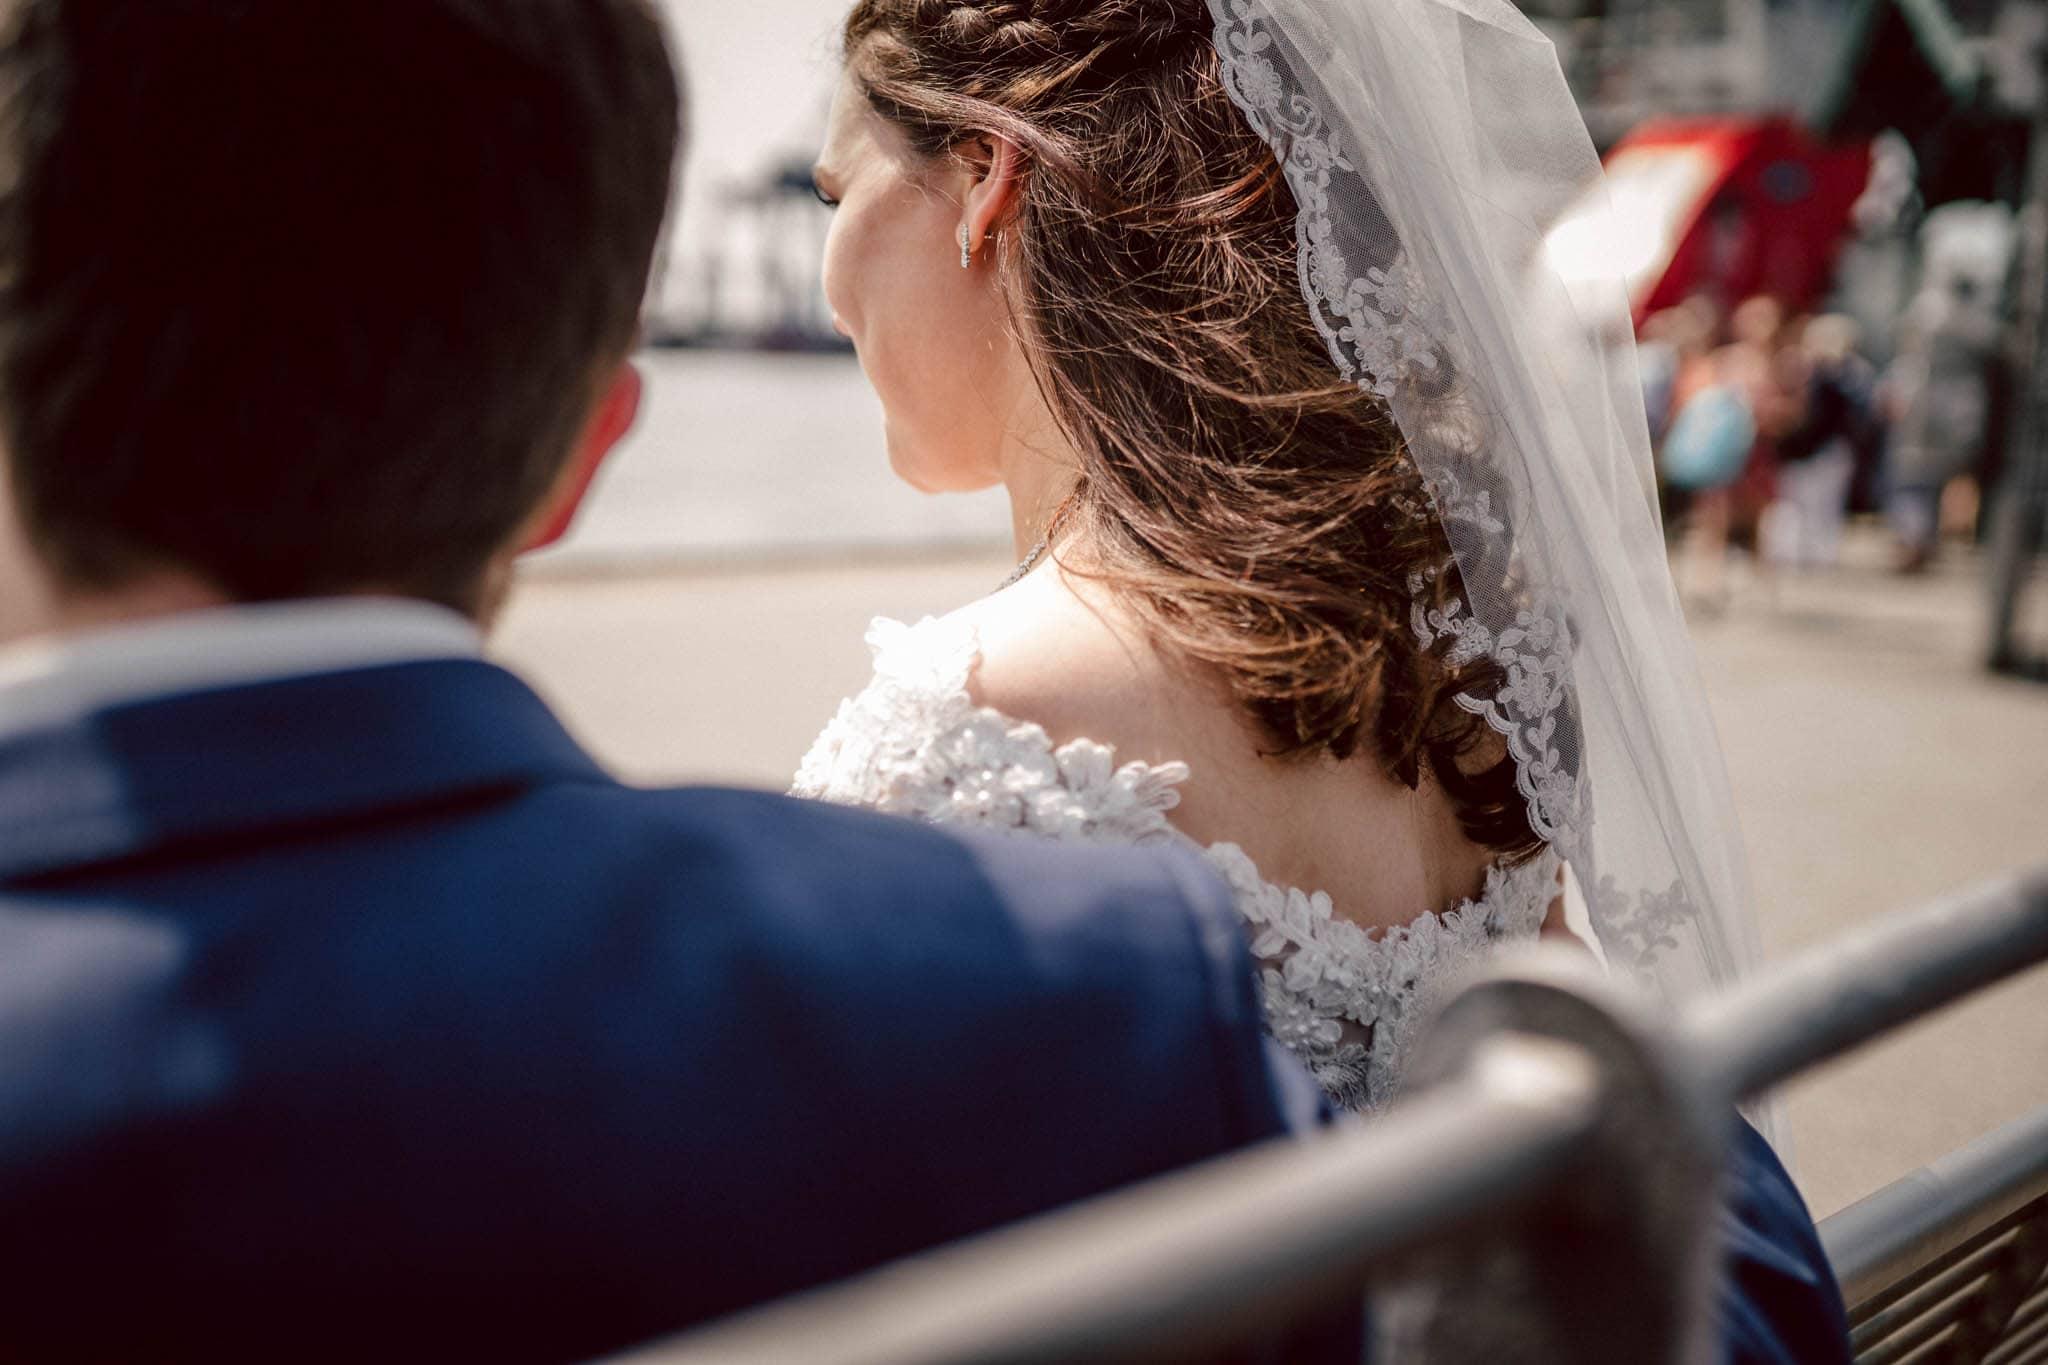 Hochzeitsfieber by Photo-Schomburg, Hochzeitsfotograf, Hamburg, Altona, wedding, Standesamt Altona, Appen, Hochzeitsshooting, Hochzeitstag, Brautpaar-69